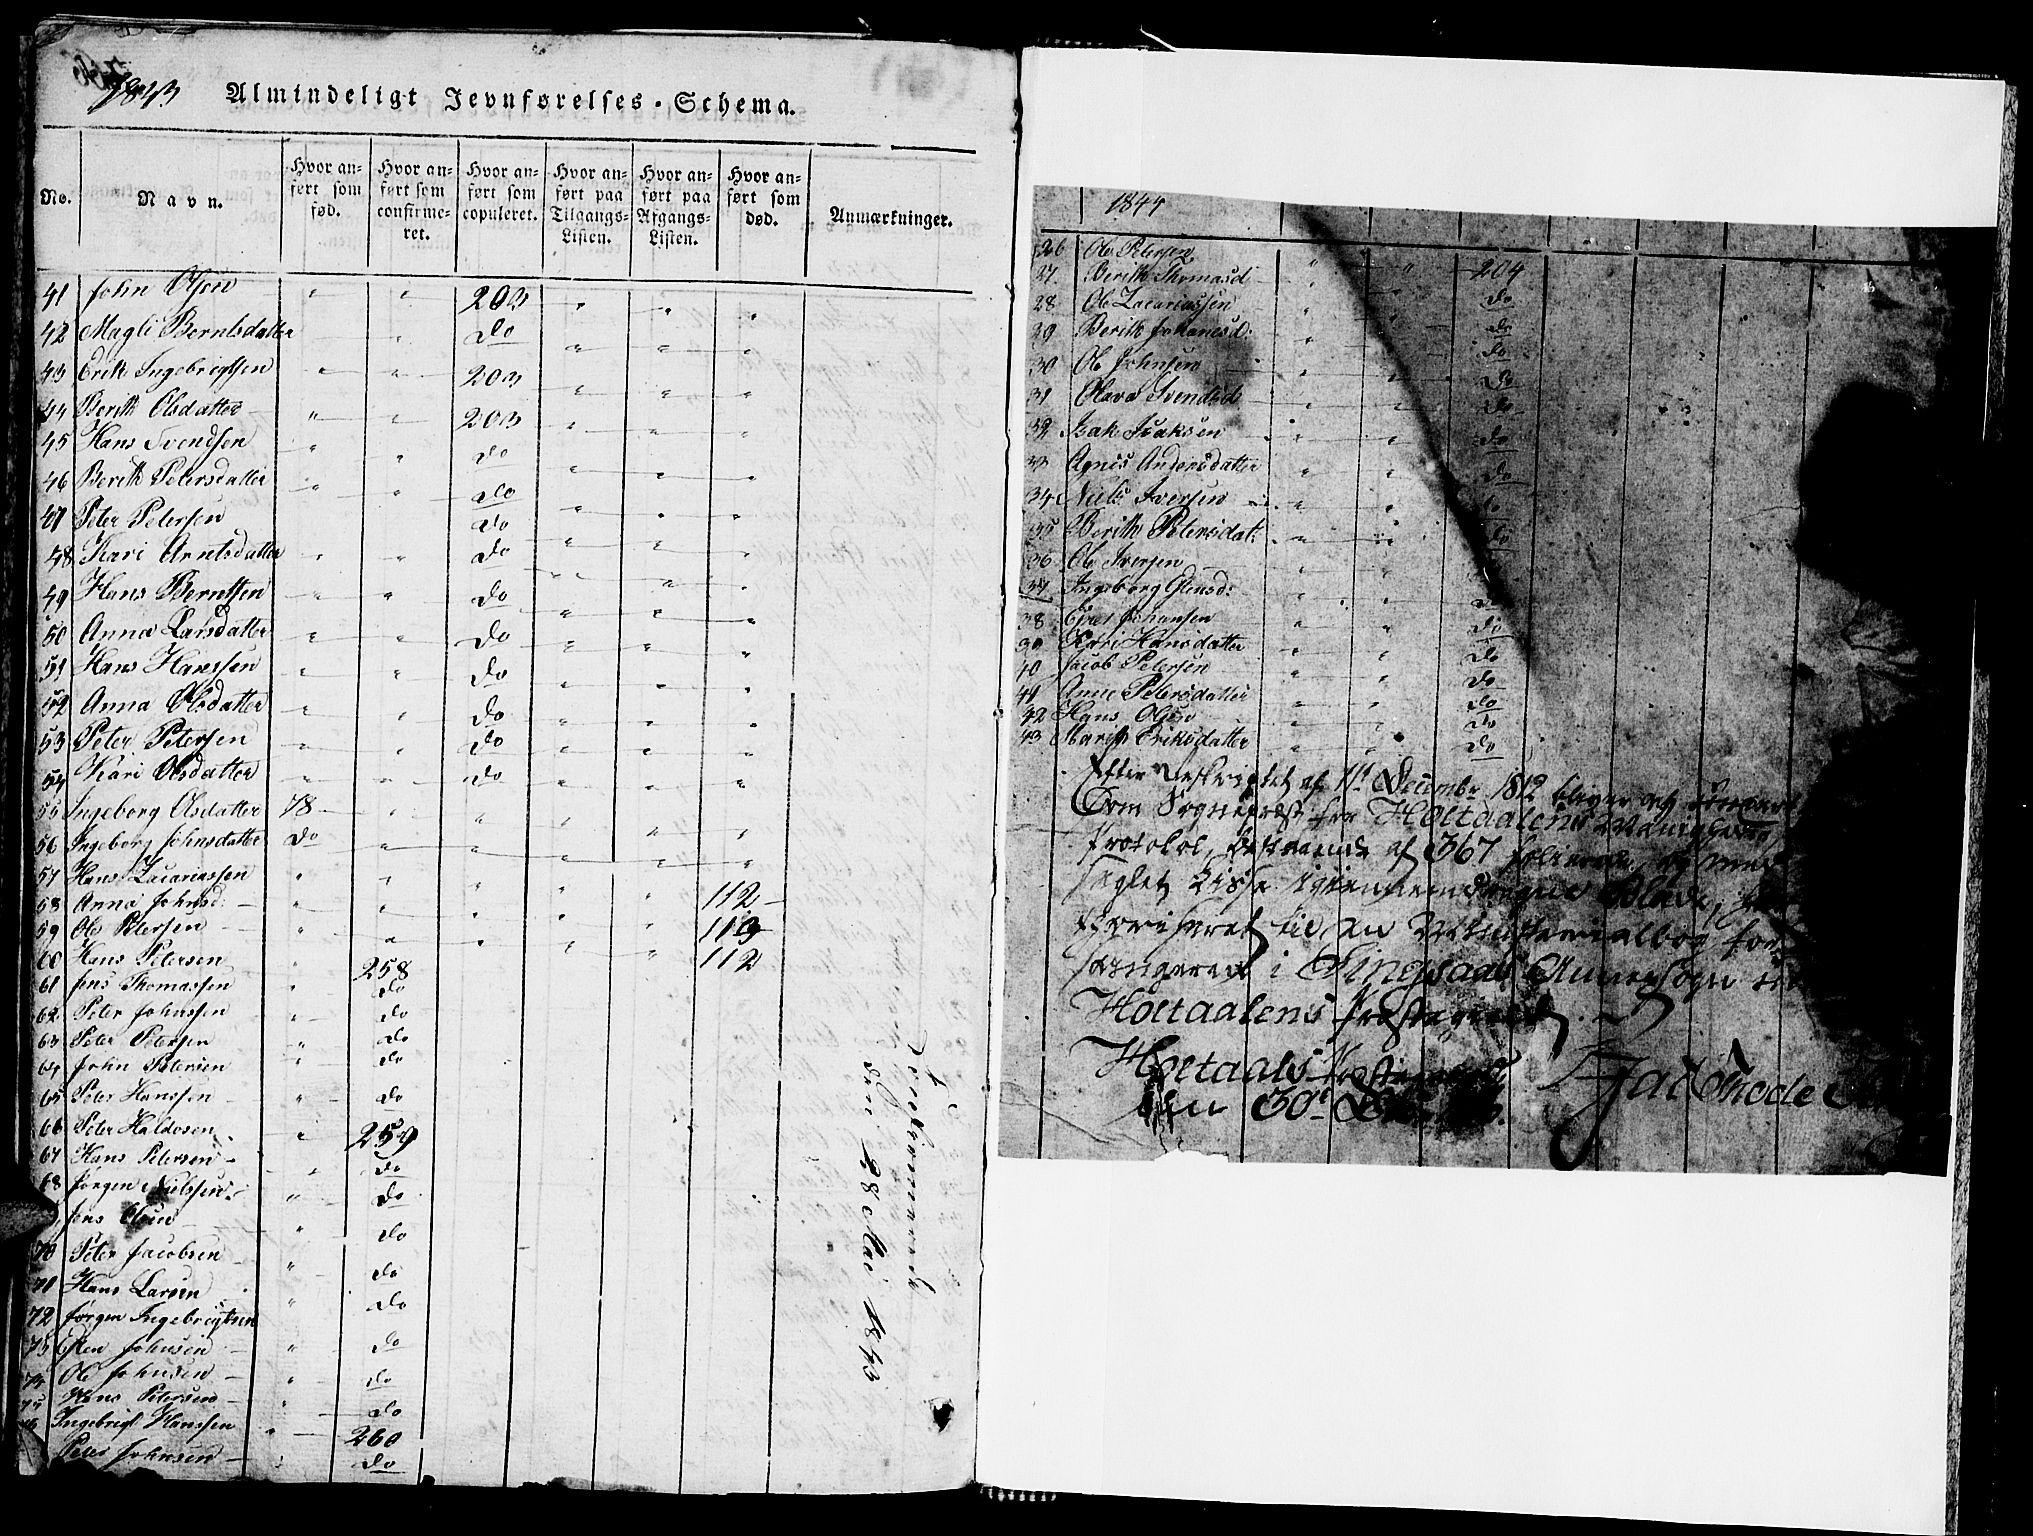 SAT, Ministerialprotokoller, klokkerbøker og fødselsregistre - Sør-Trøndelag, 688/L1026: Klokkerbok nr. 688C01, 1817-1860, s. 367